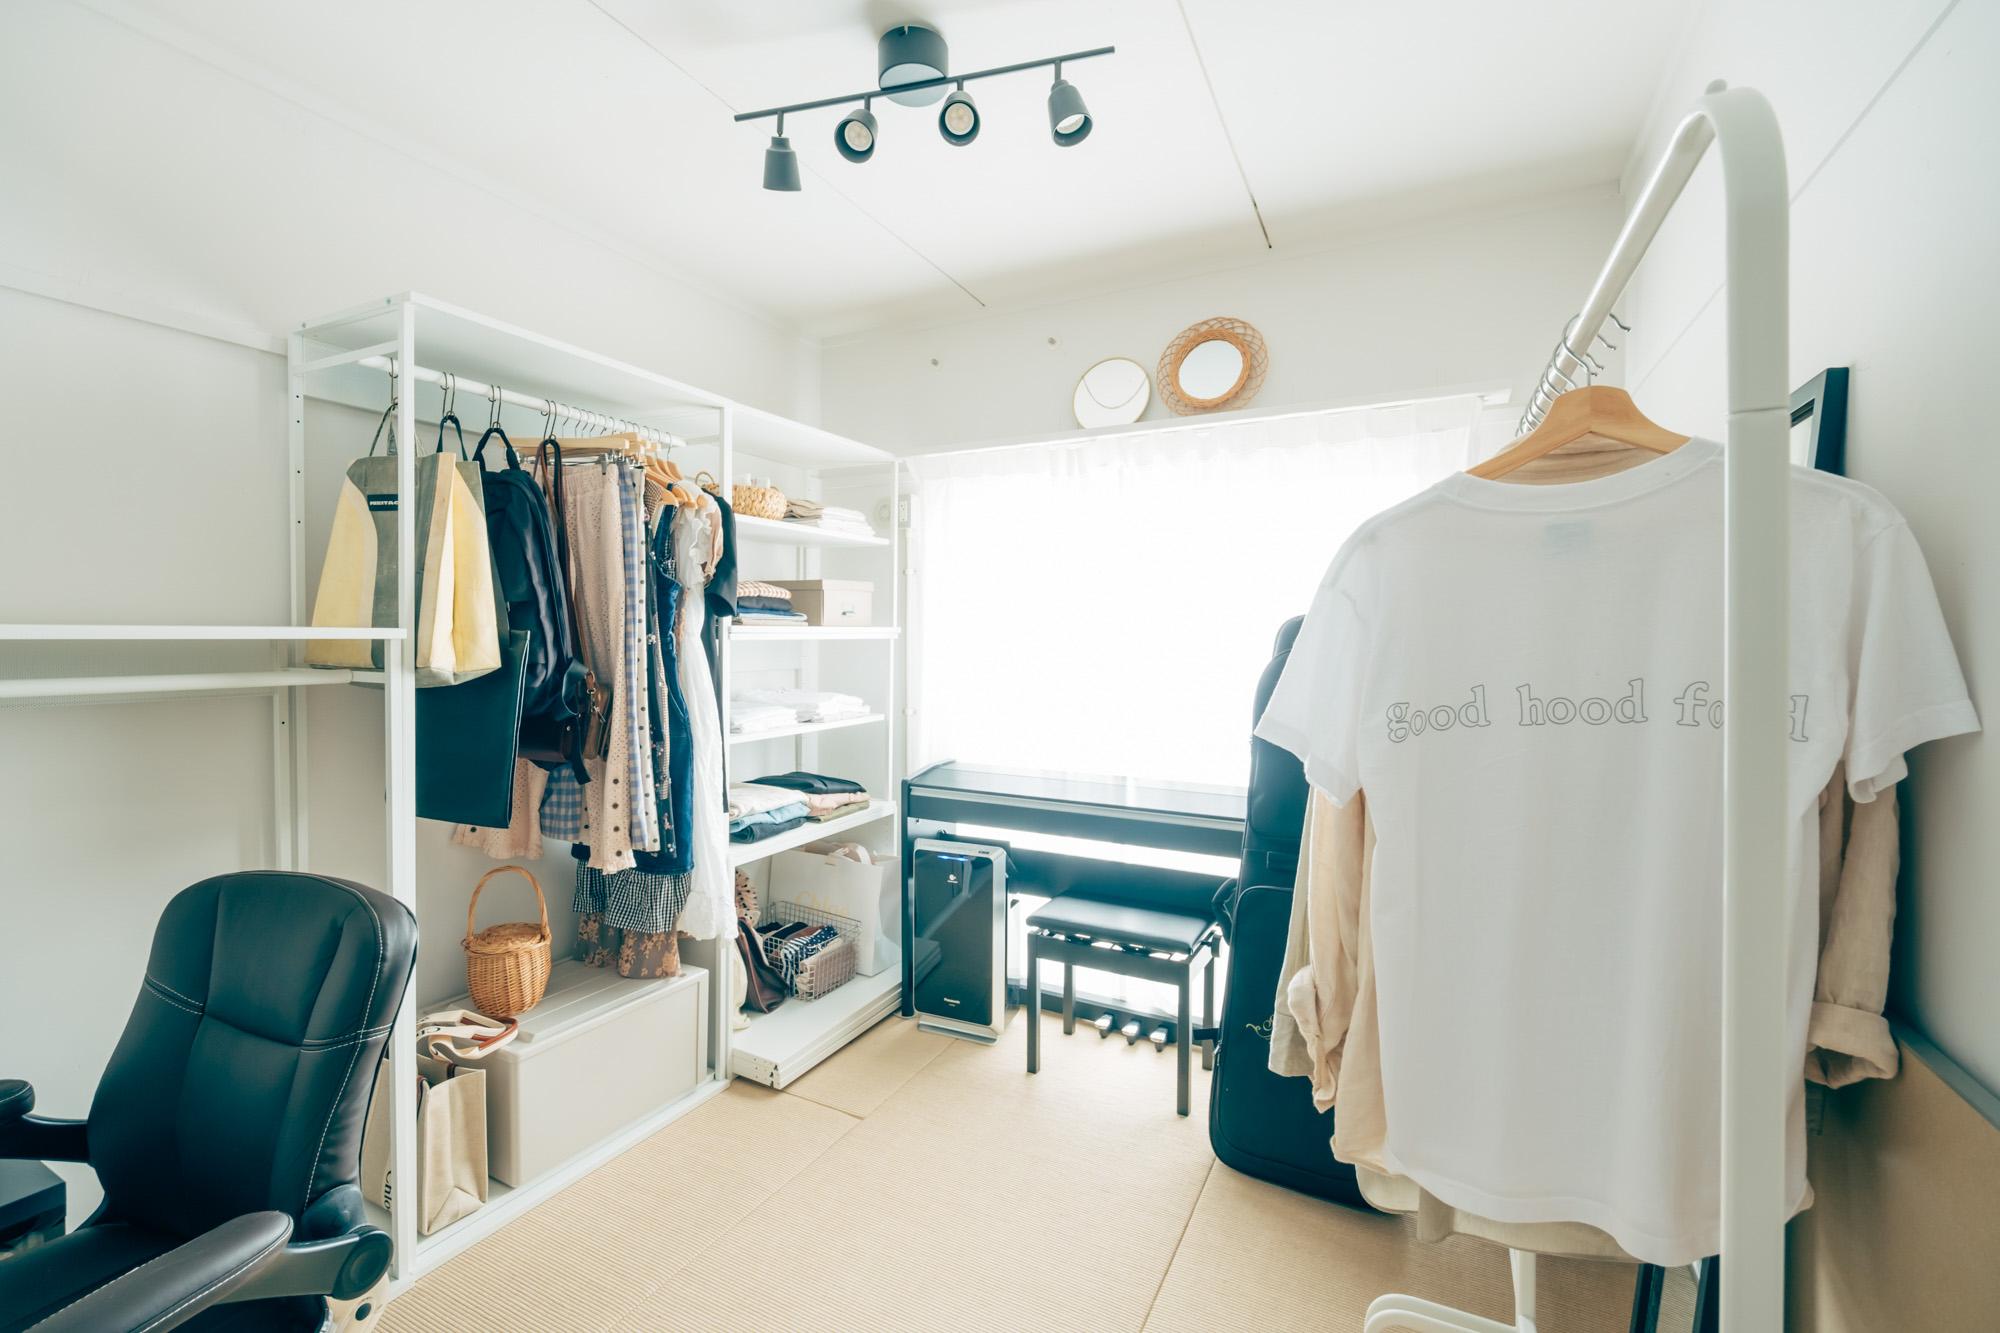 先程の、MUJI×URのお部屋に暮らしていらっしゃるお二人。玄関横の4.5畳のお部屋は収納家具を並べてウォークインクローゼット風のスペースに。